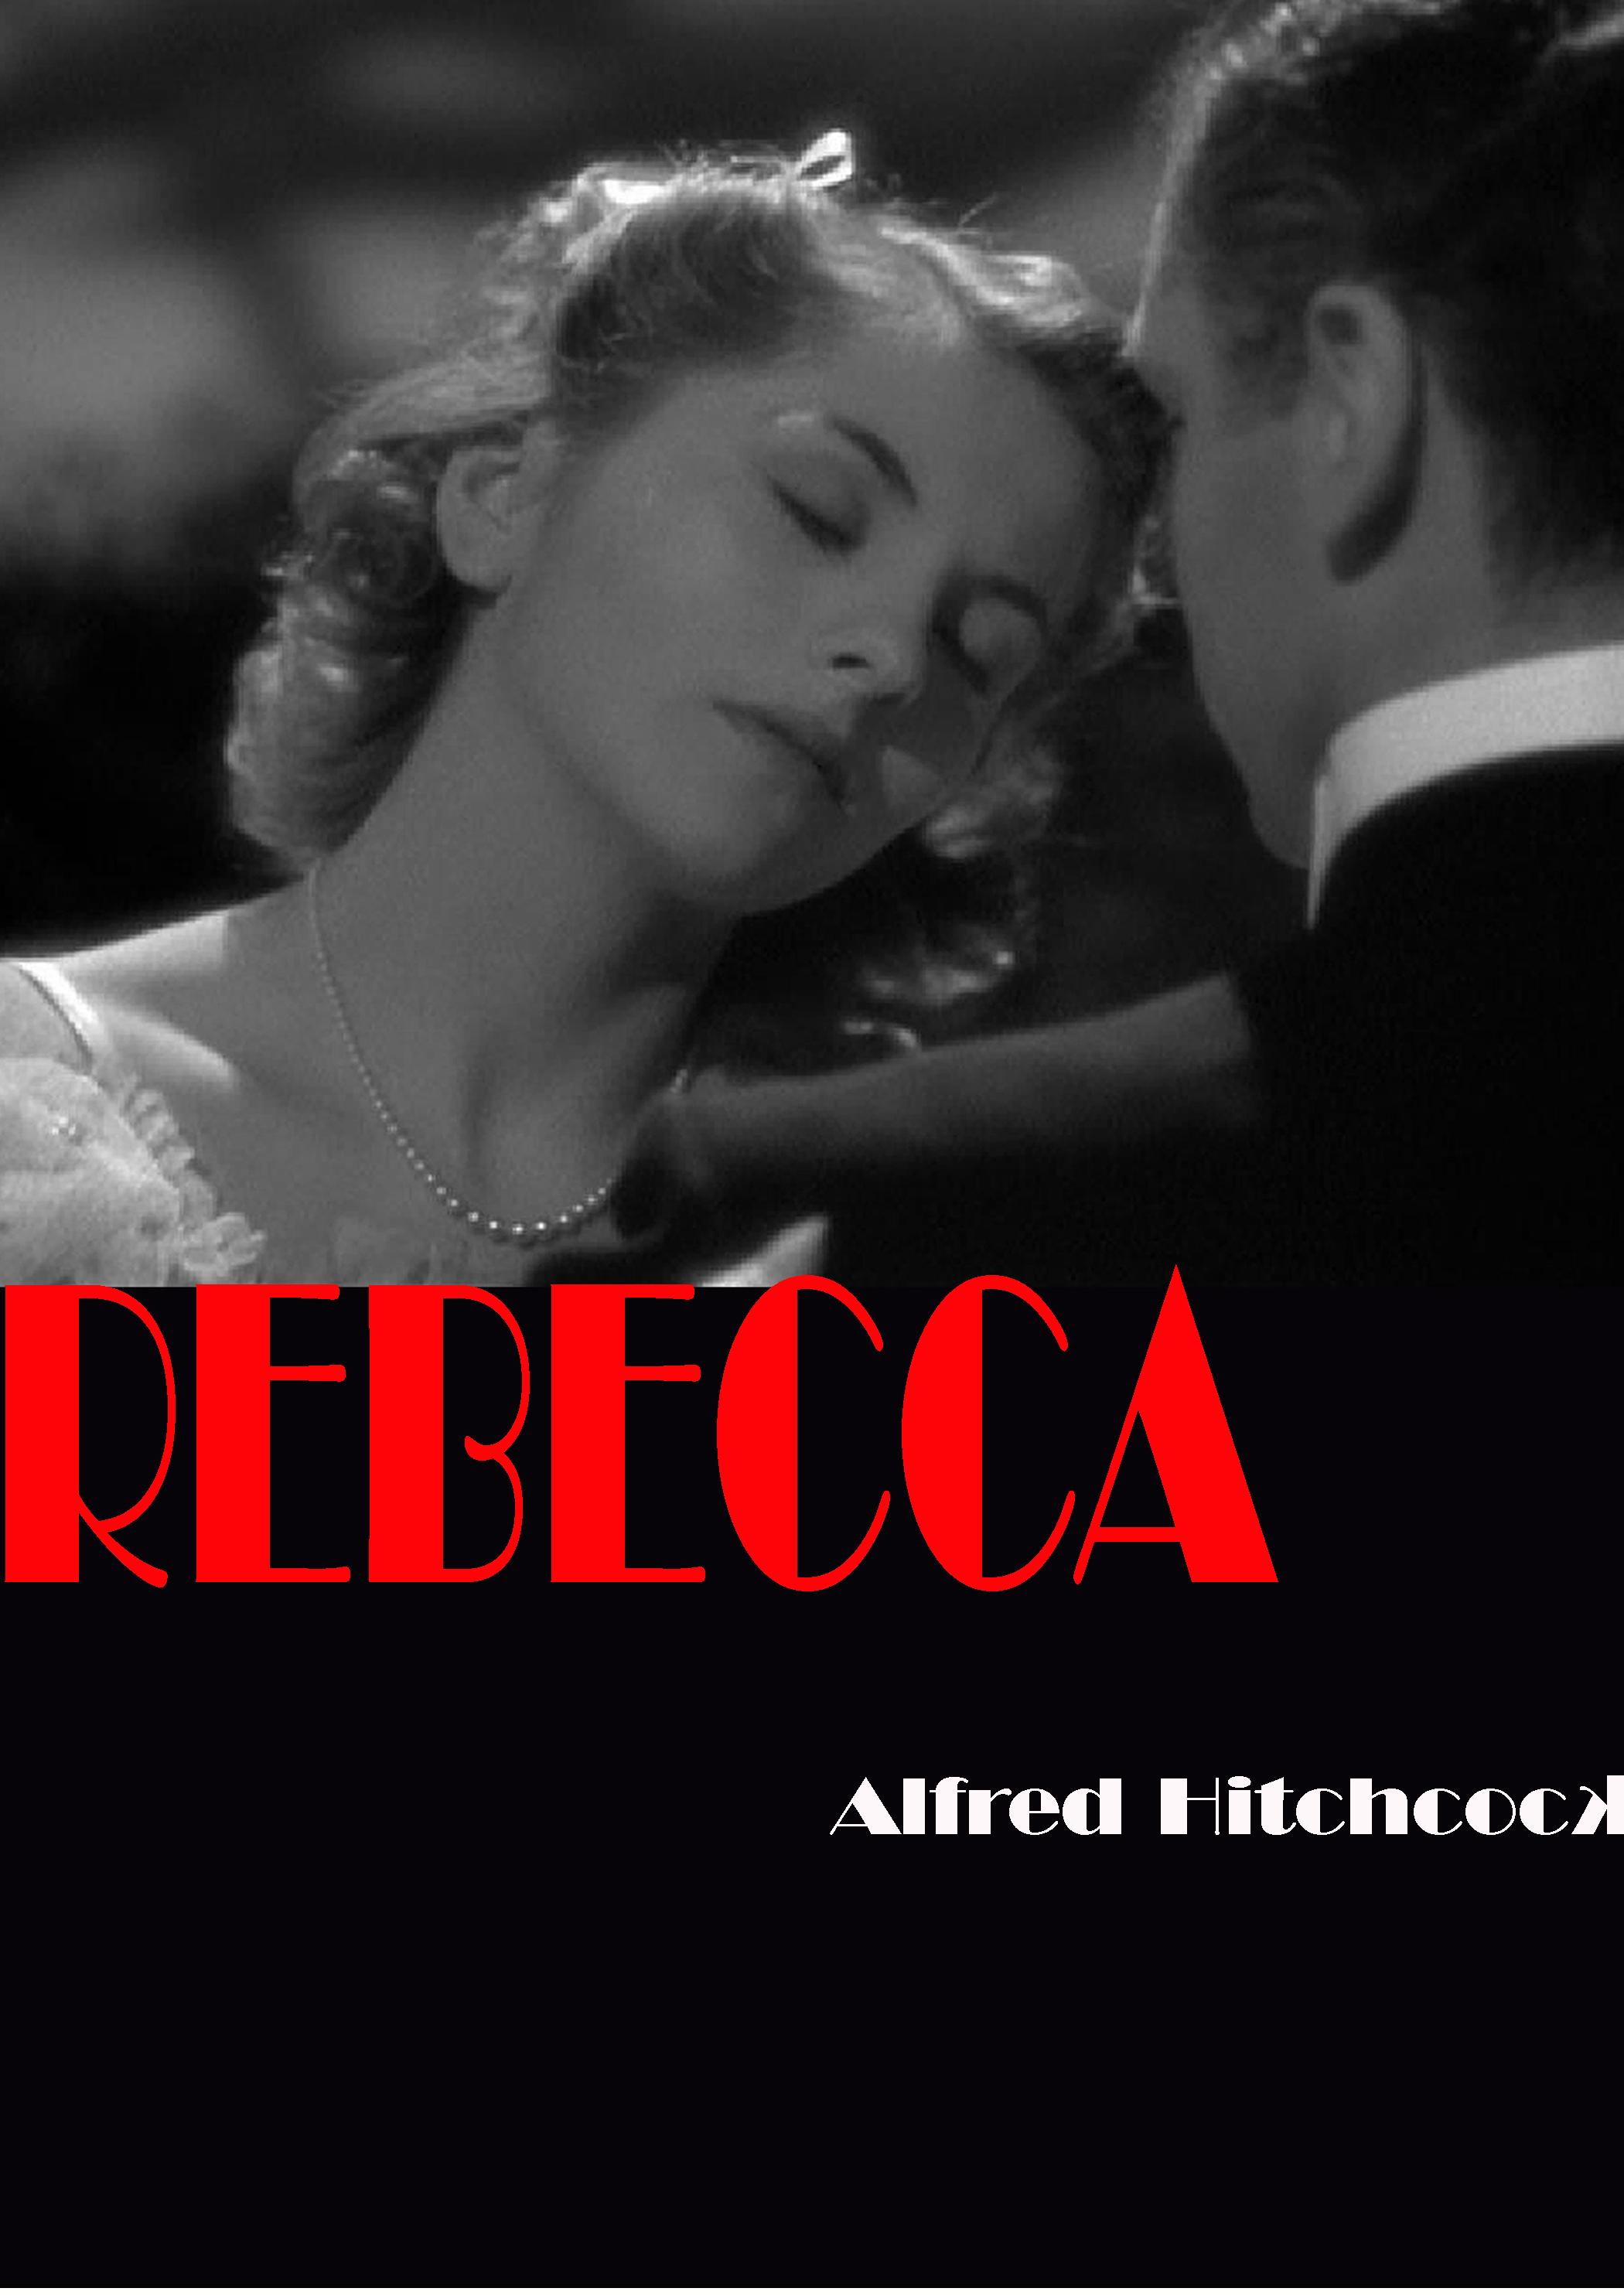 11 REBECCA_ HITCHCOCK_A4_Definitivo